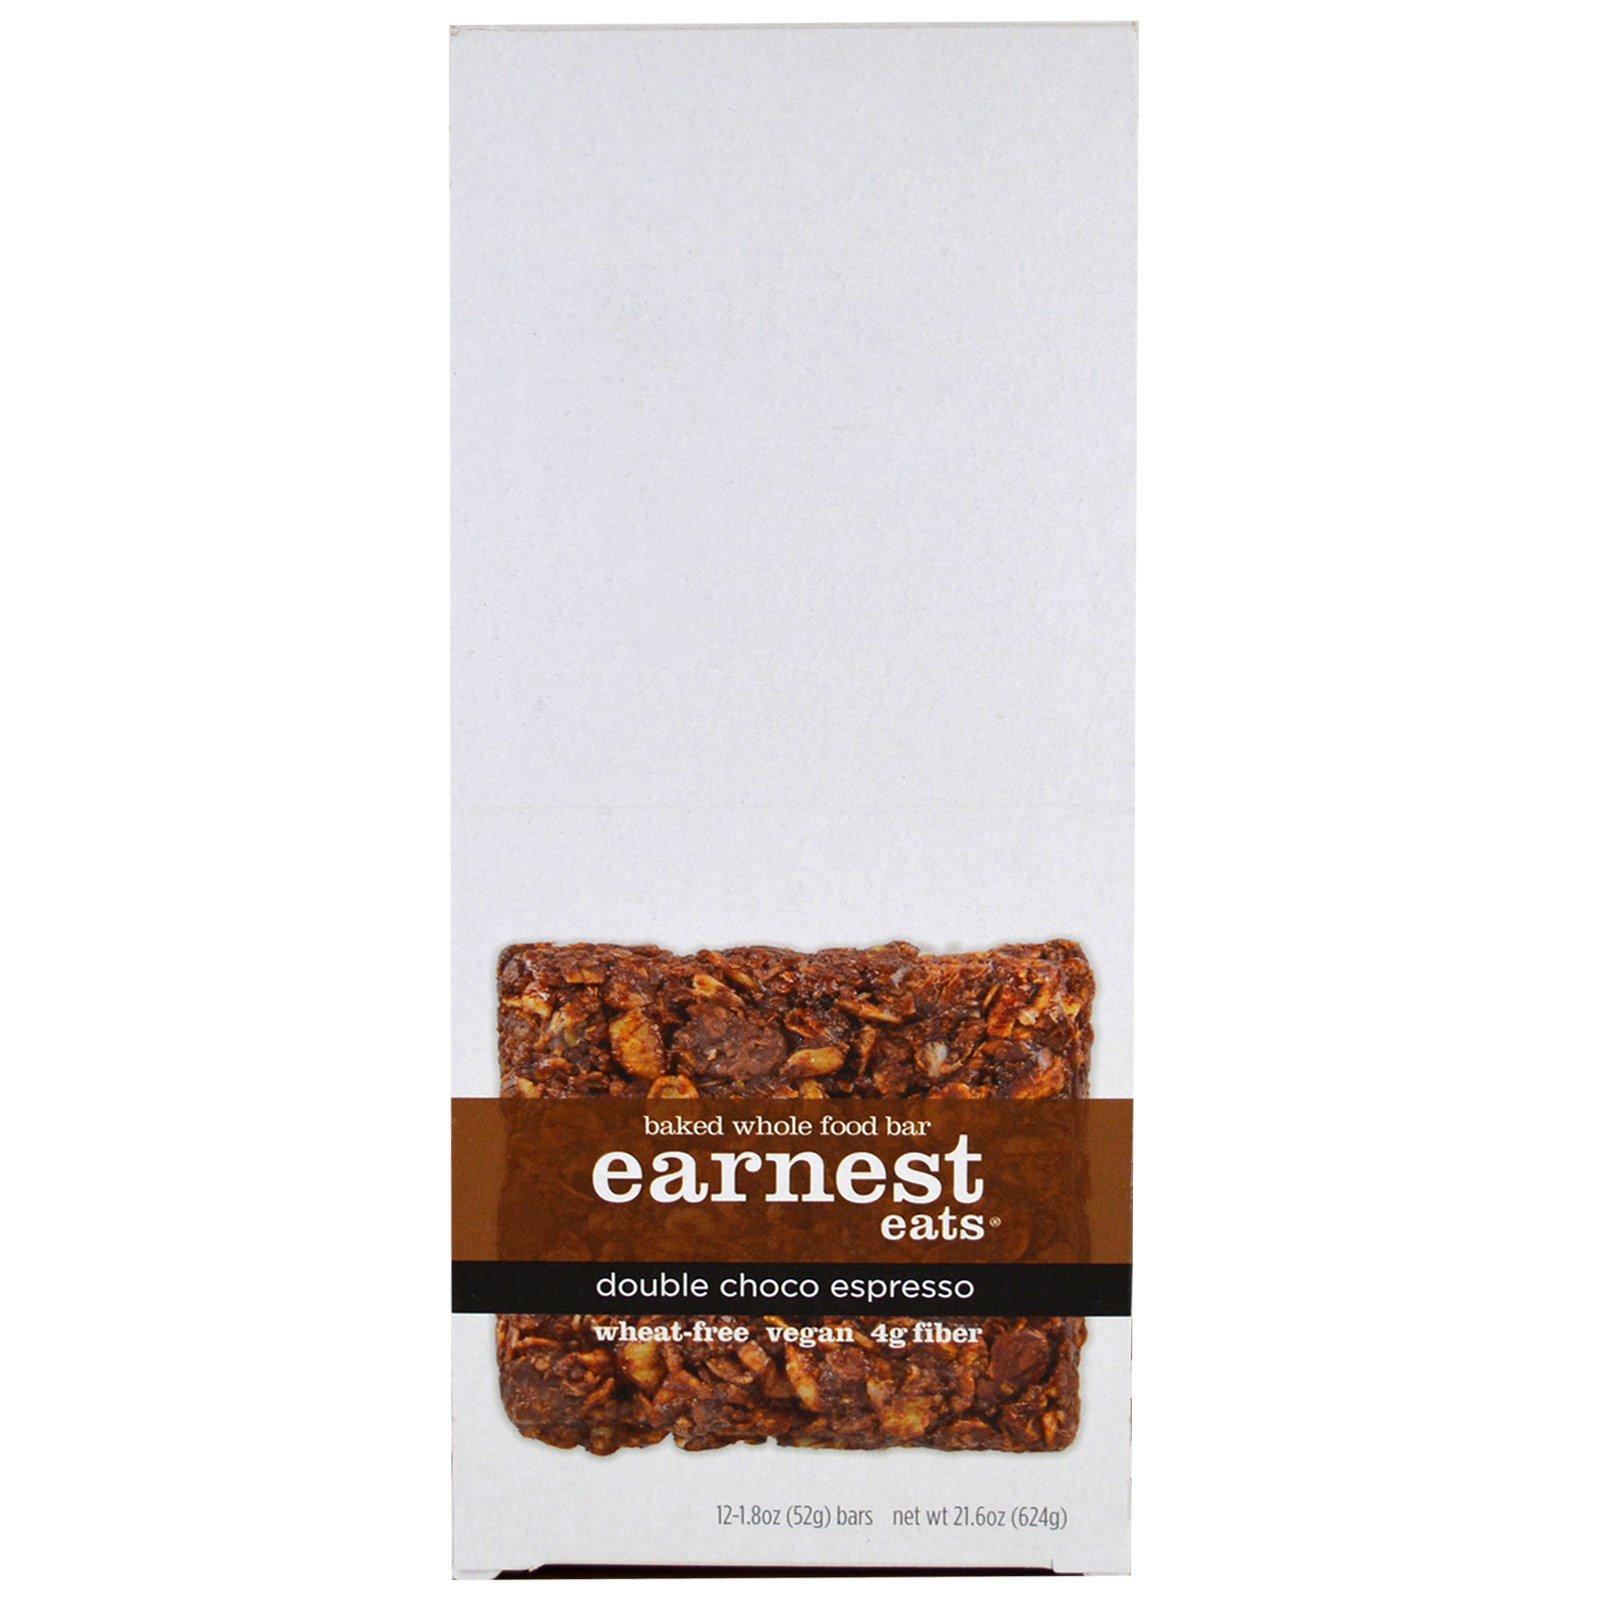 Earnest Eats, Запеченный батончик из цельных продуктов, Двойной шоколадный эспрессо, 12 батончиков, 1,8 унции (52 г) в каждом